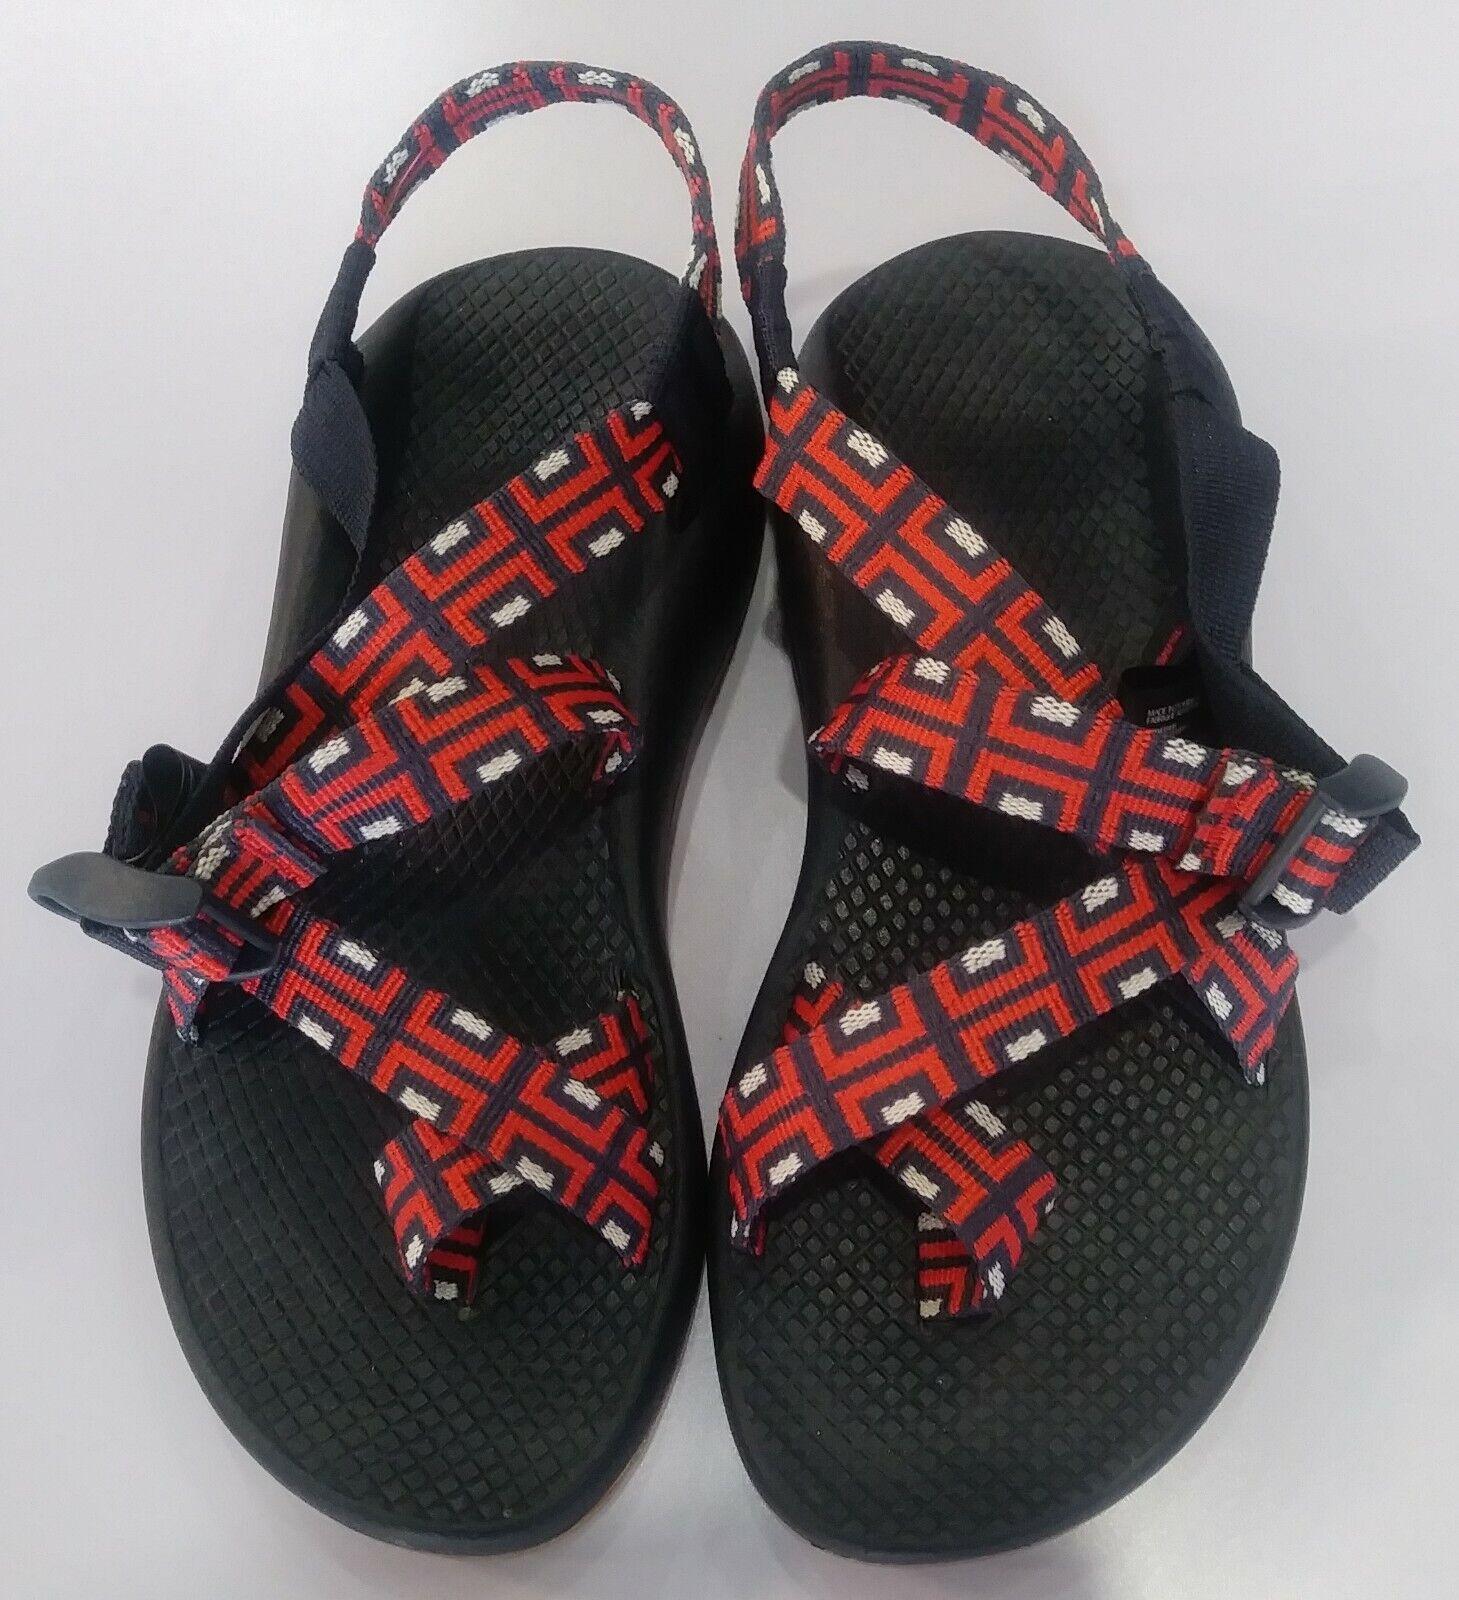 Chaco Women's Z 2 Classic Sandals, Prairie Grenadine, Size 7 B US